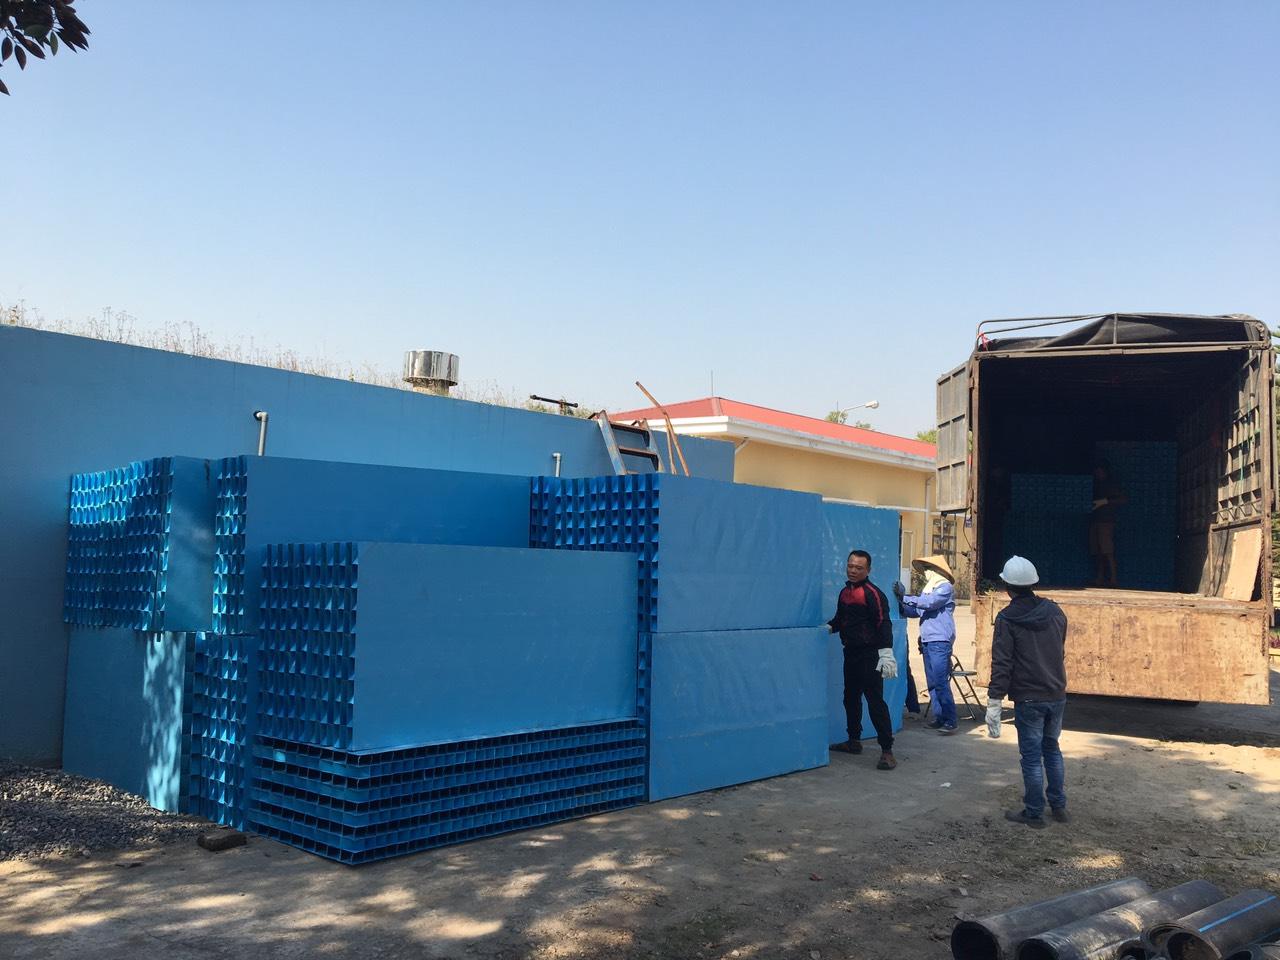 Cung cấp ống lắng Lamella cho nhà máy Vĩnh Bảo